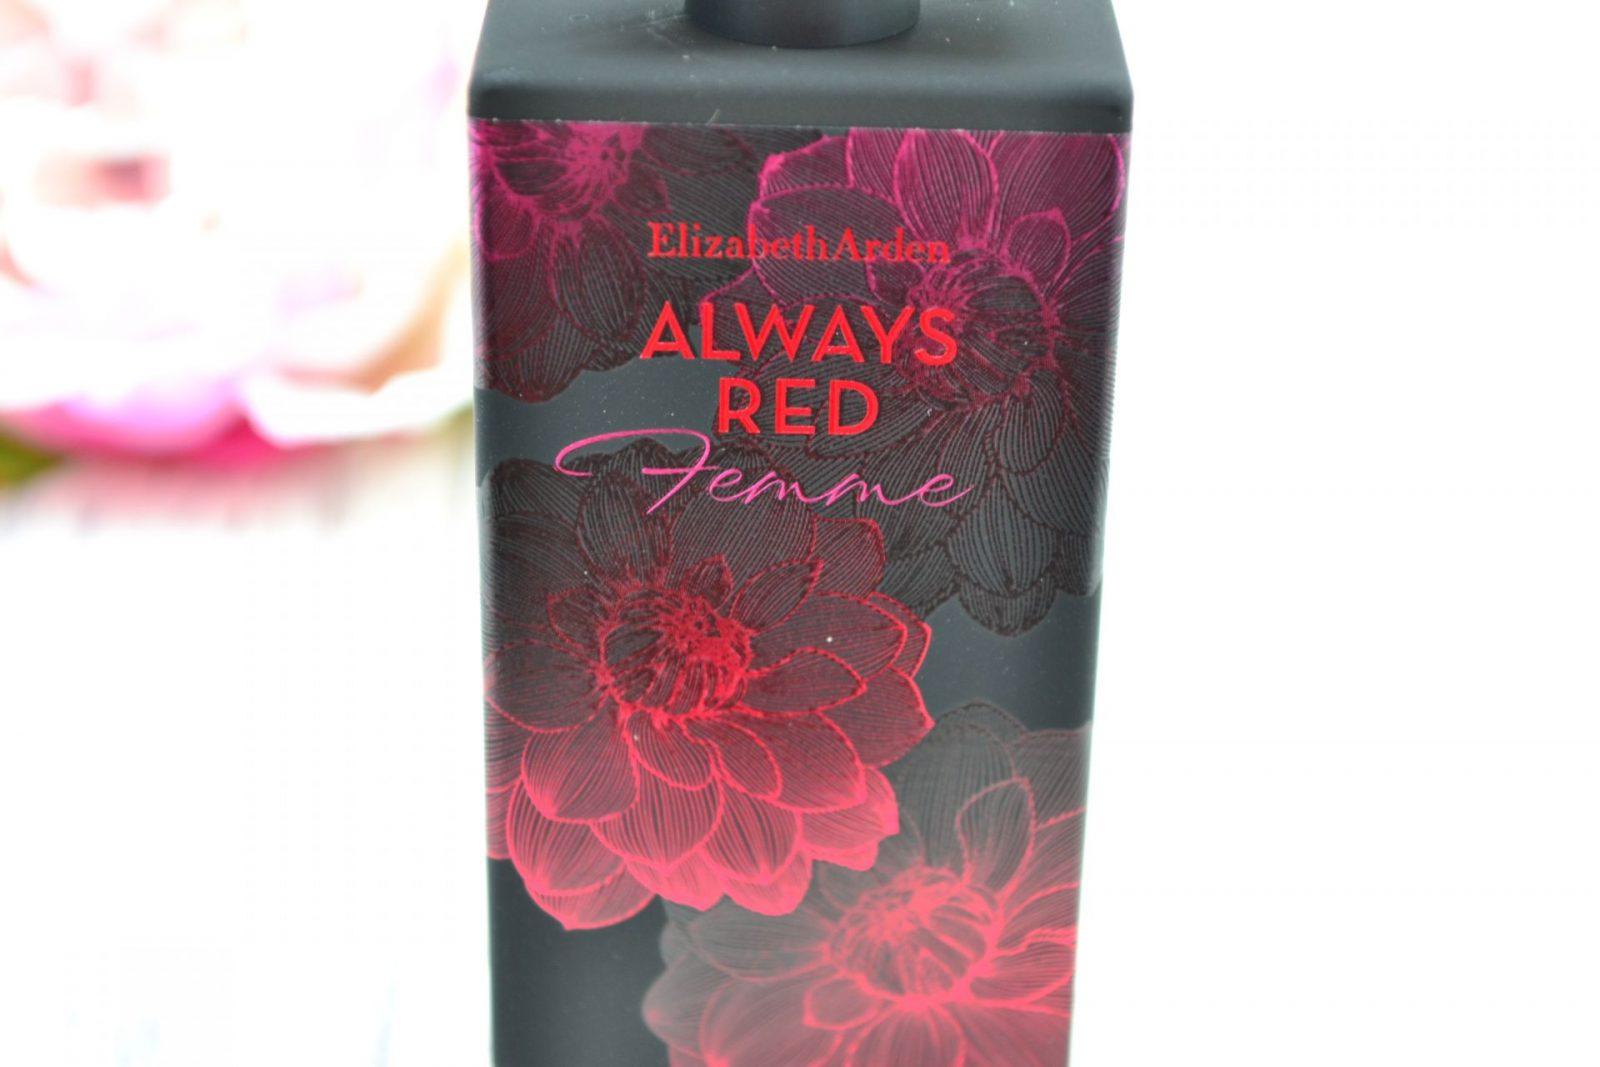 elizabeth-arden-always-red-femme-review